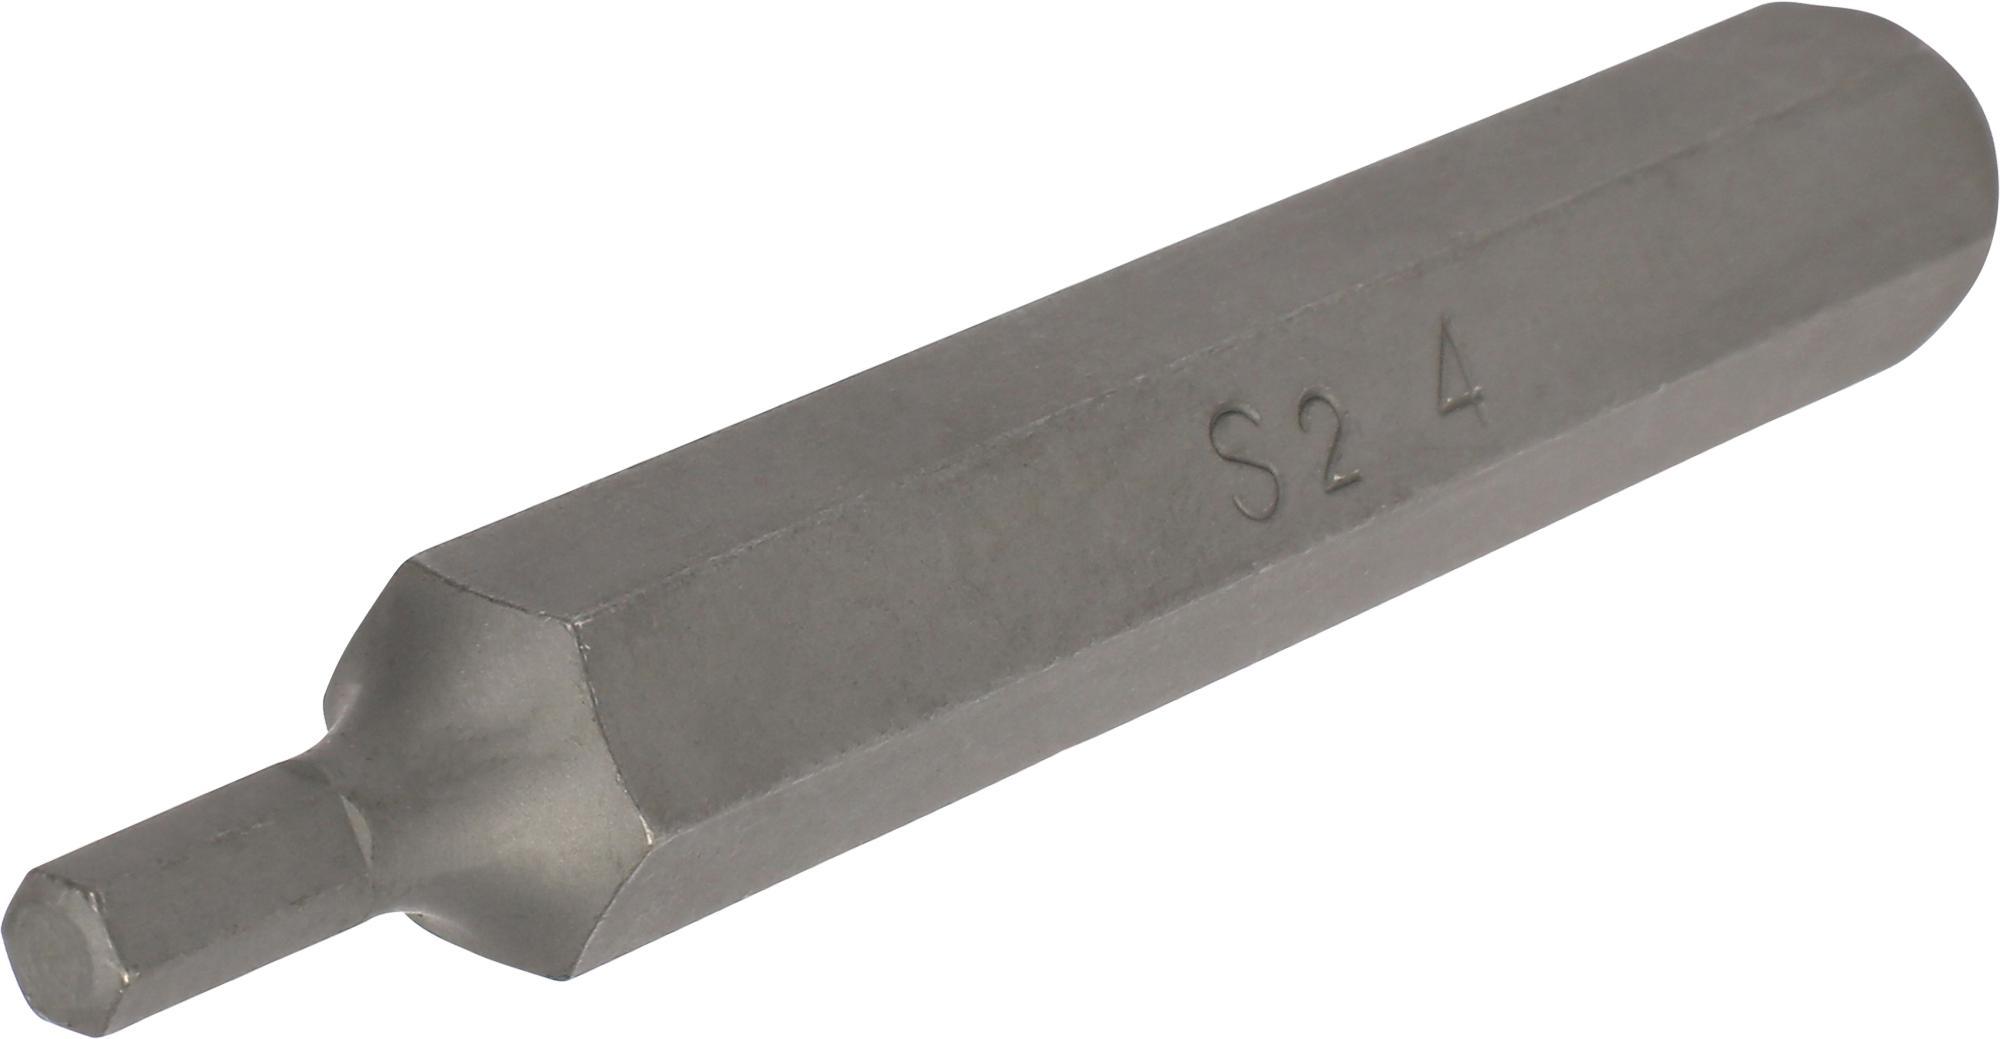 Bit, 10 mm 6-hran, IMBUS 4x75 mm